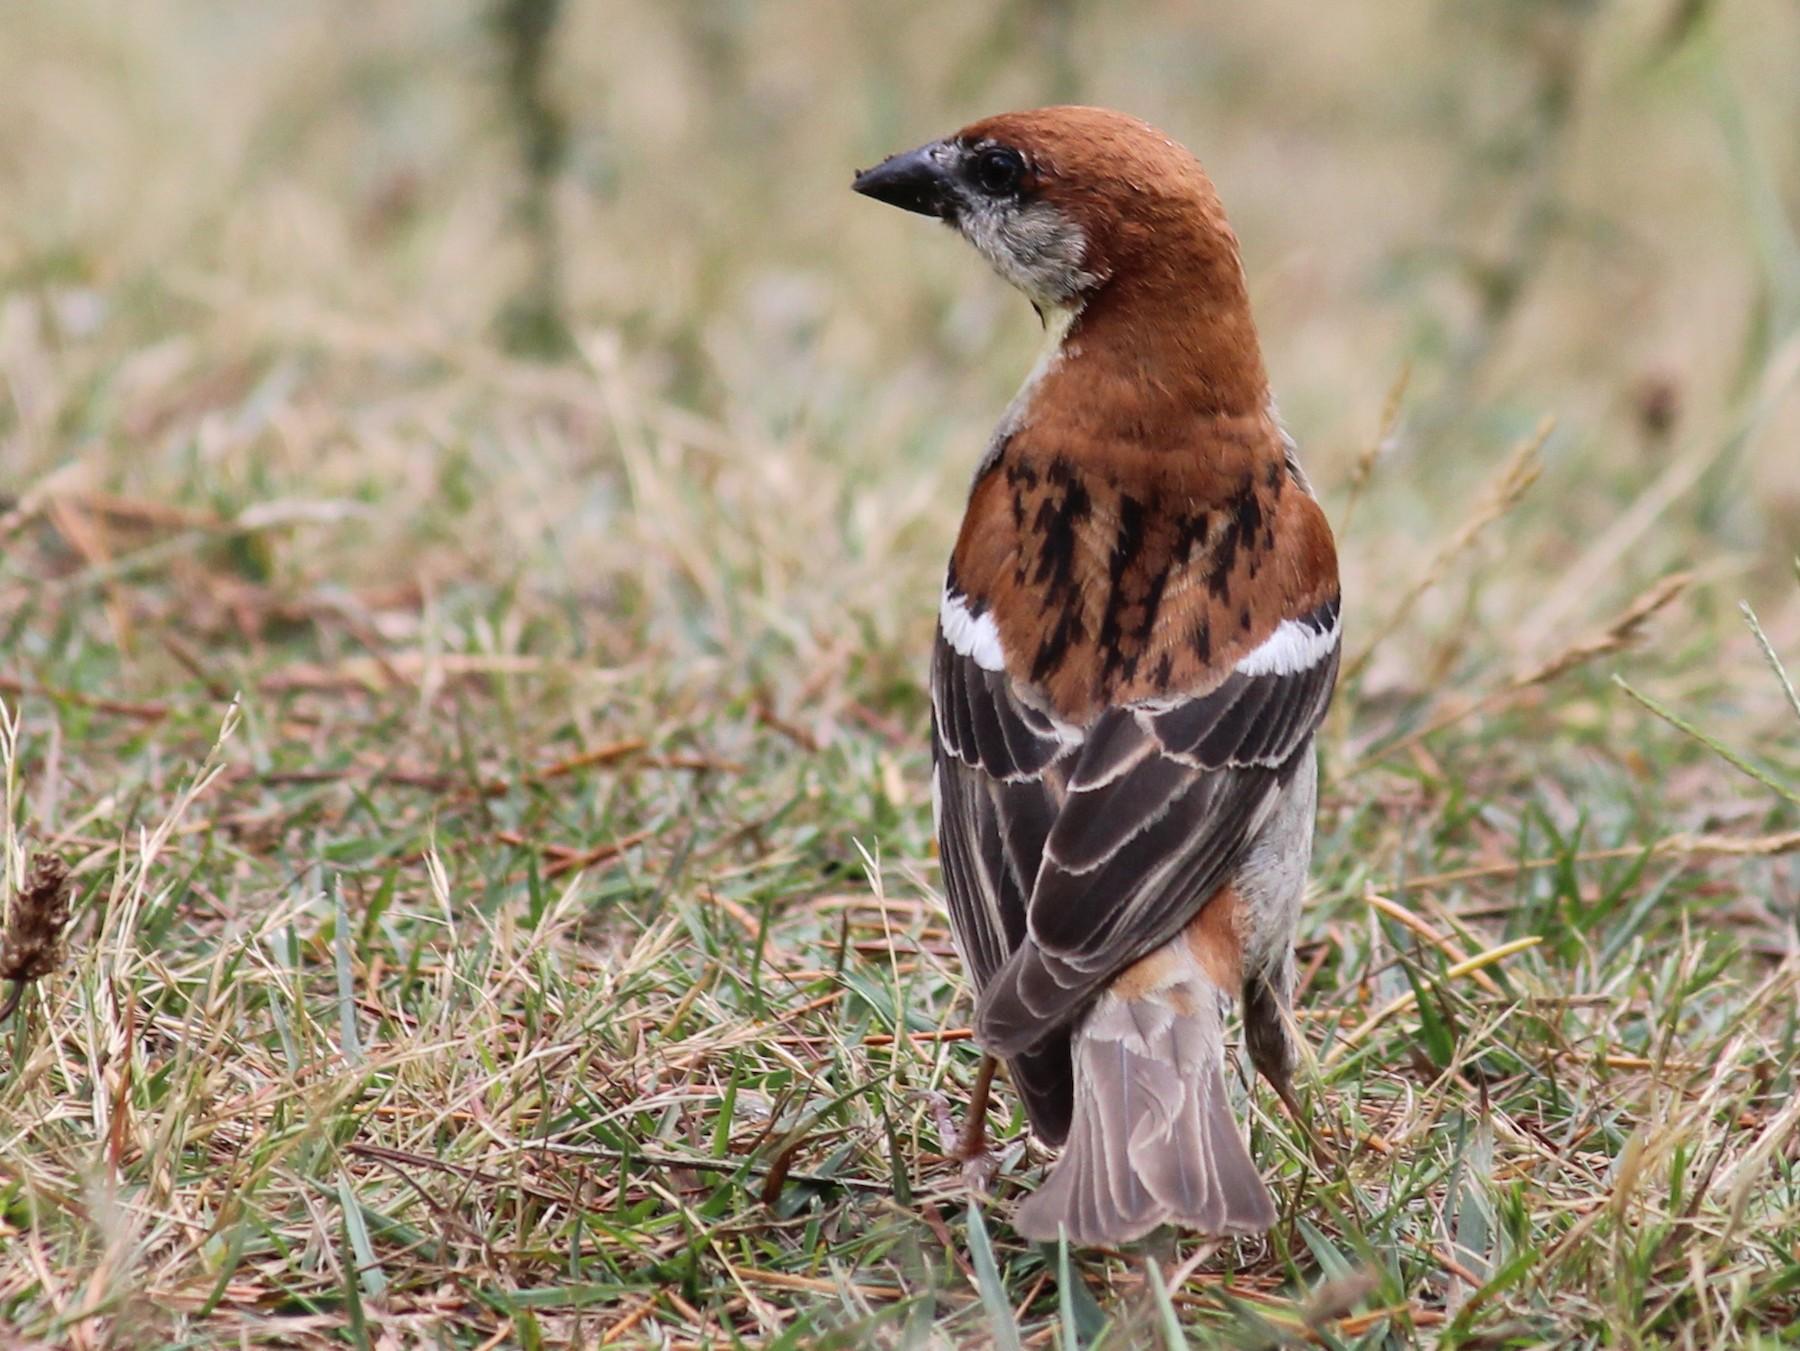 Russet Sparrow - Shekar Vishvanath